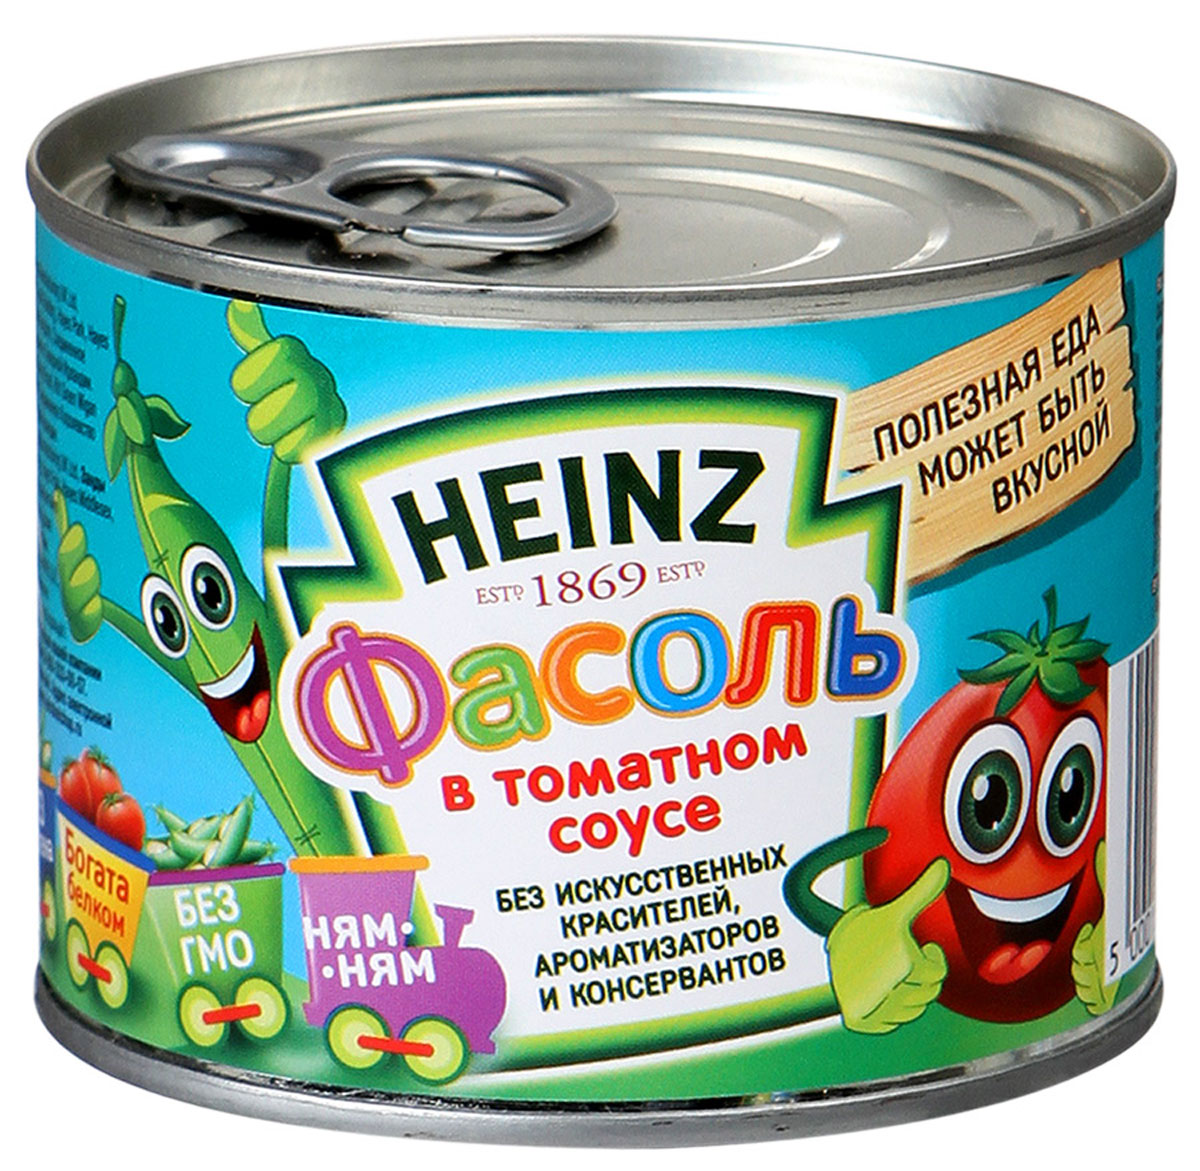 Heinz фасоль в томатном соусе, 200 г0120710Секрет фасоли Heinz в безупречном сочетании нежнейшего сорта фасоли и идеального соуса из средиземноморских томатов!Фасоль богата белком и клетчаткой, практически не содержит жиров. Это натуральный, полезный, легкий и высокопитательный продукт. Классика вкуса!Уважаемые клиенты! Обращаем ваше внимание, что полный перечень состава продукта представлен на дополнительном изображении.